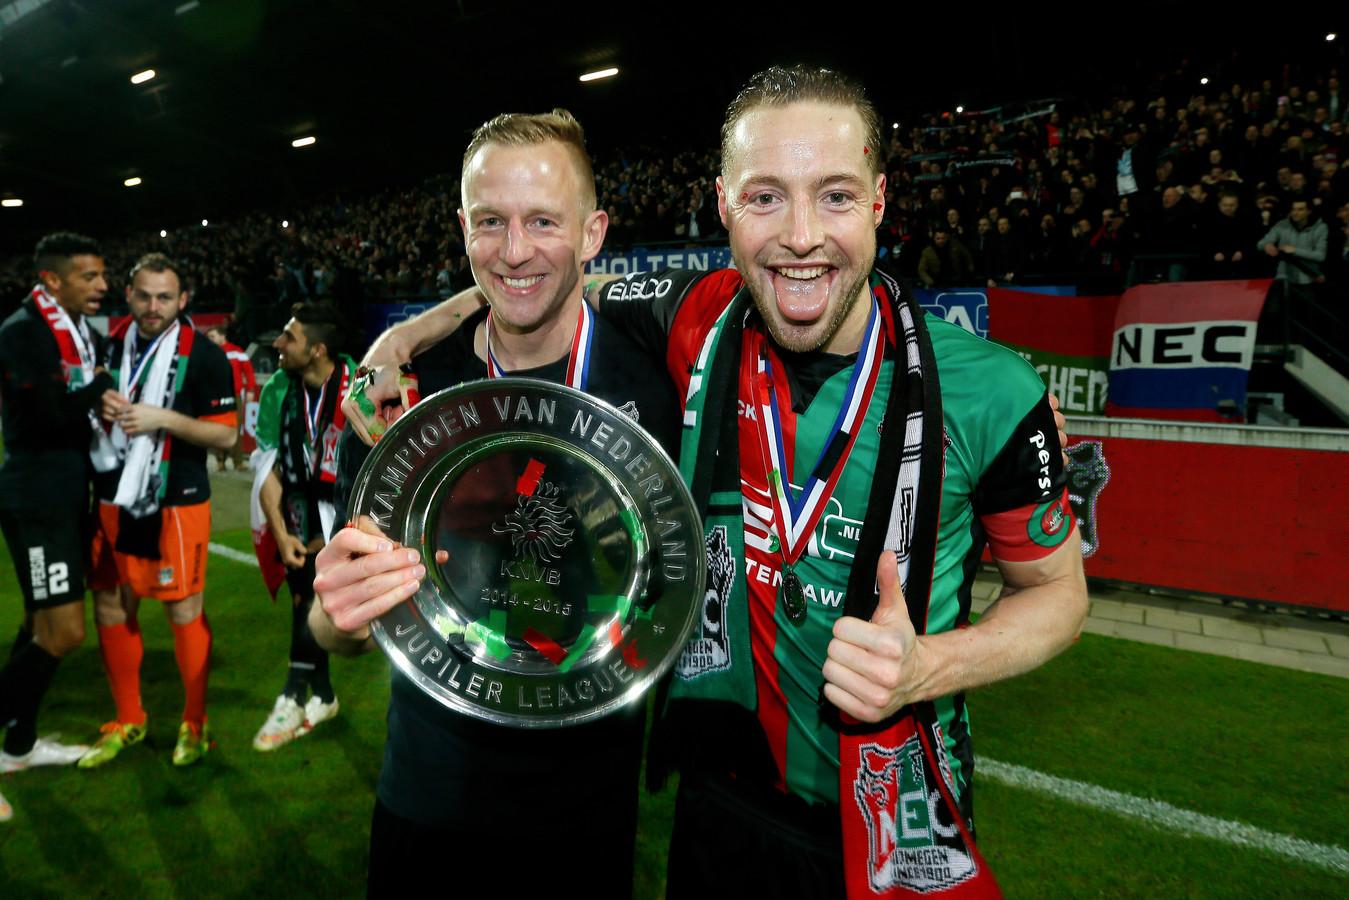 Rens van Eijden (rechts) met Sjoerd Ars na het kampioenschap van NEC in het seizoen 2014/15.